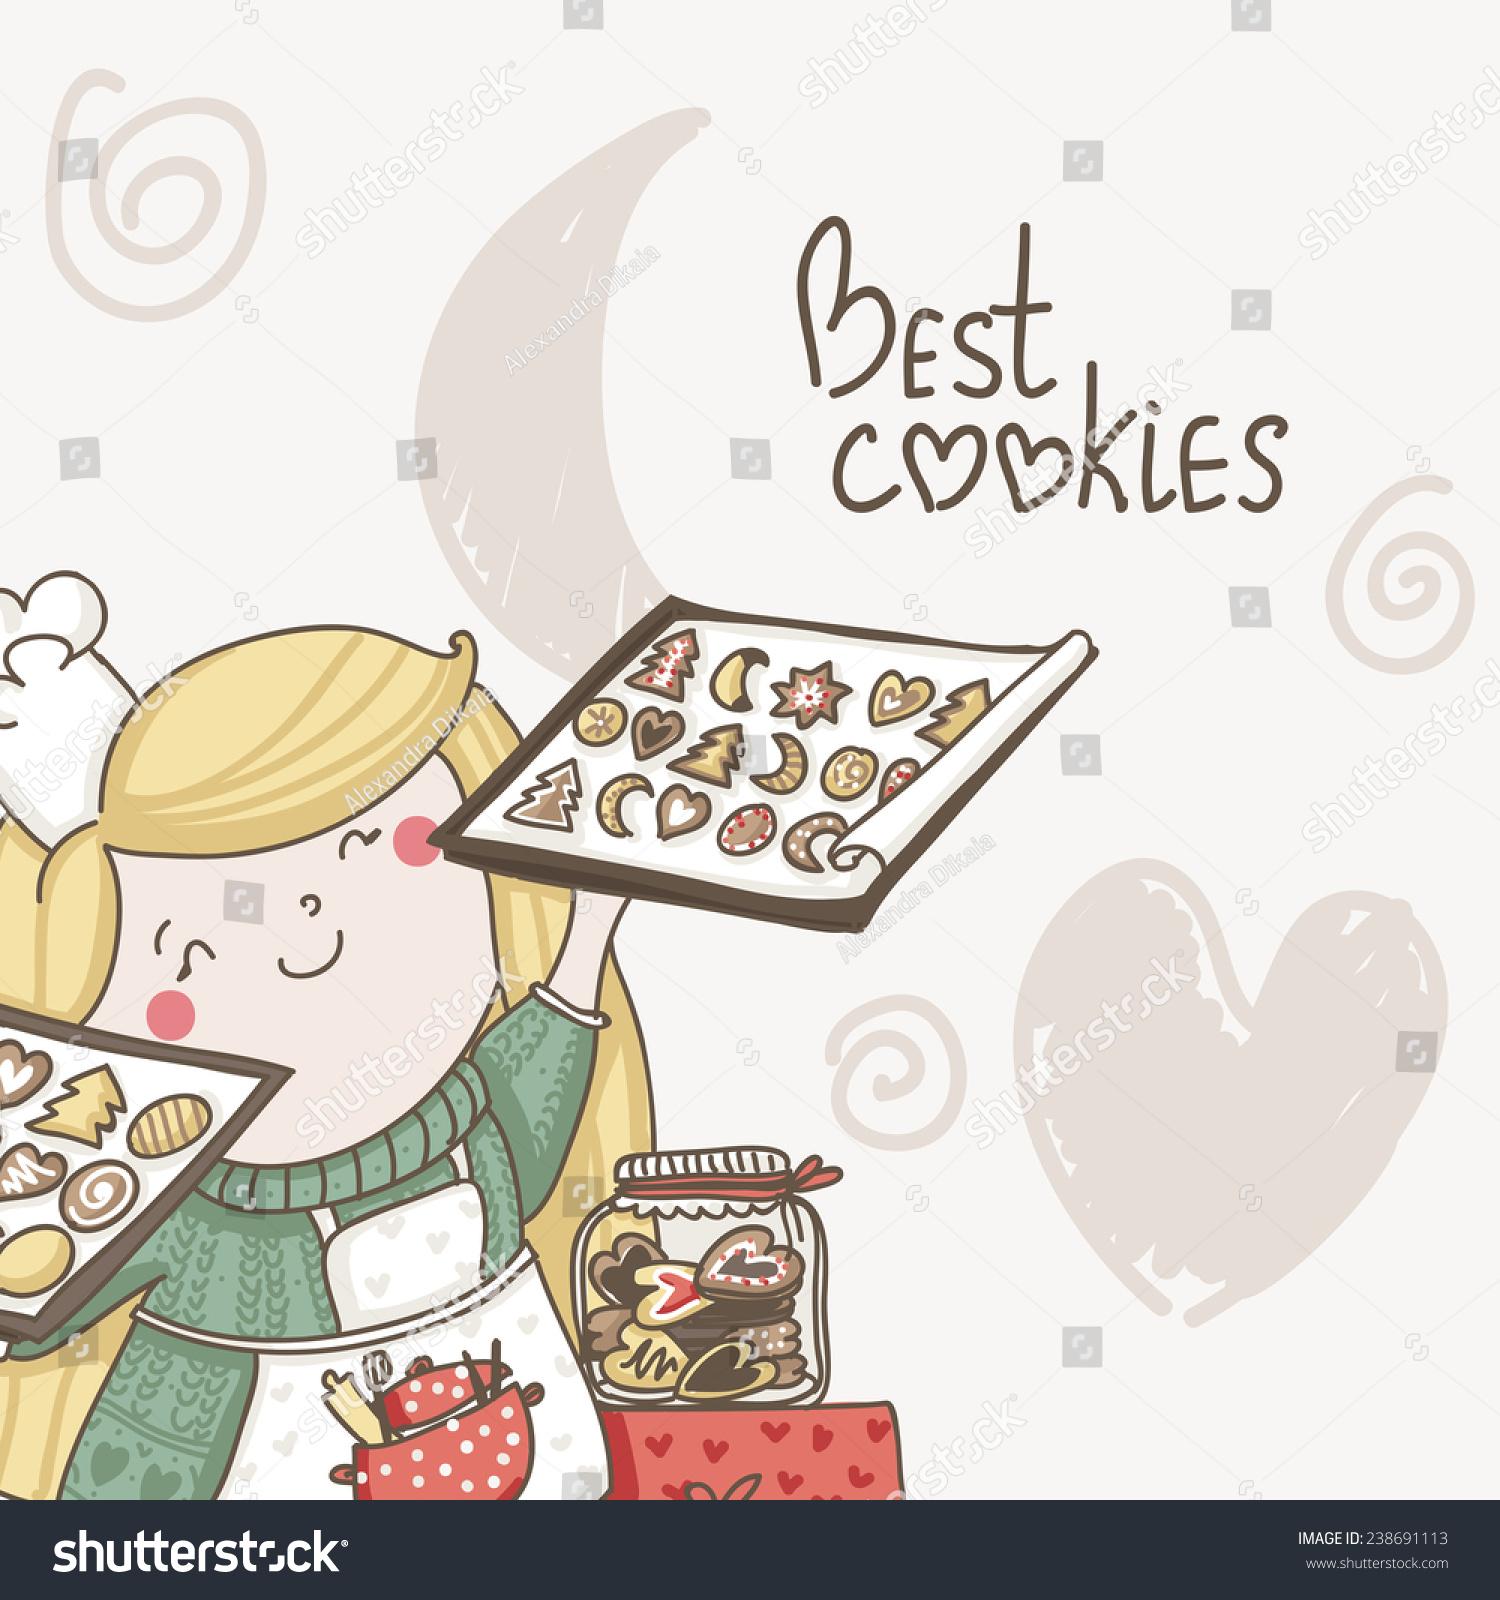 卡最好的饼干与可爱的女孩在这烤饼干.甜蜜的邀请-及